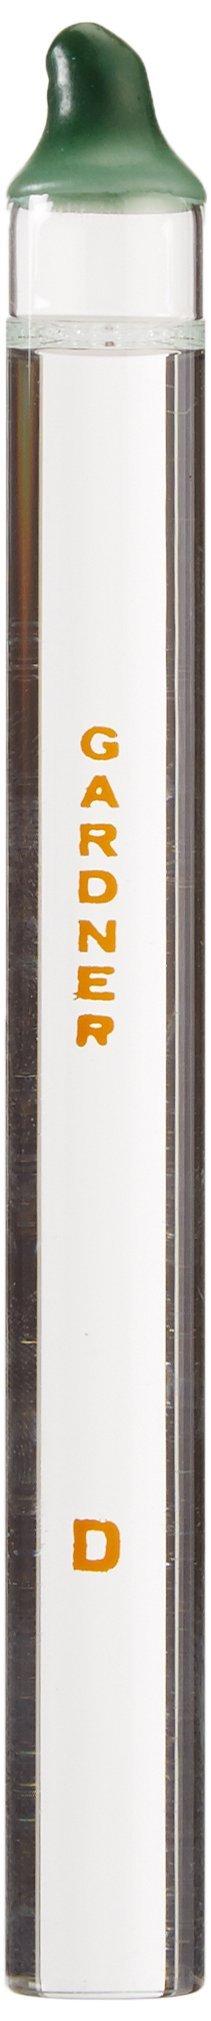 BYK Gardner 514 Bubble Viscometer Tube, Grade D